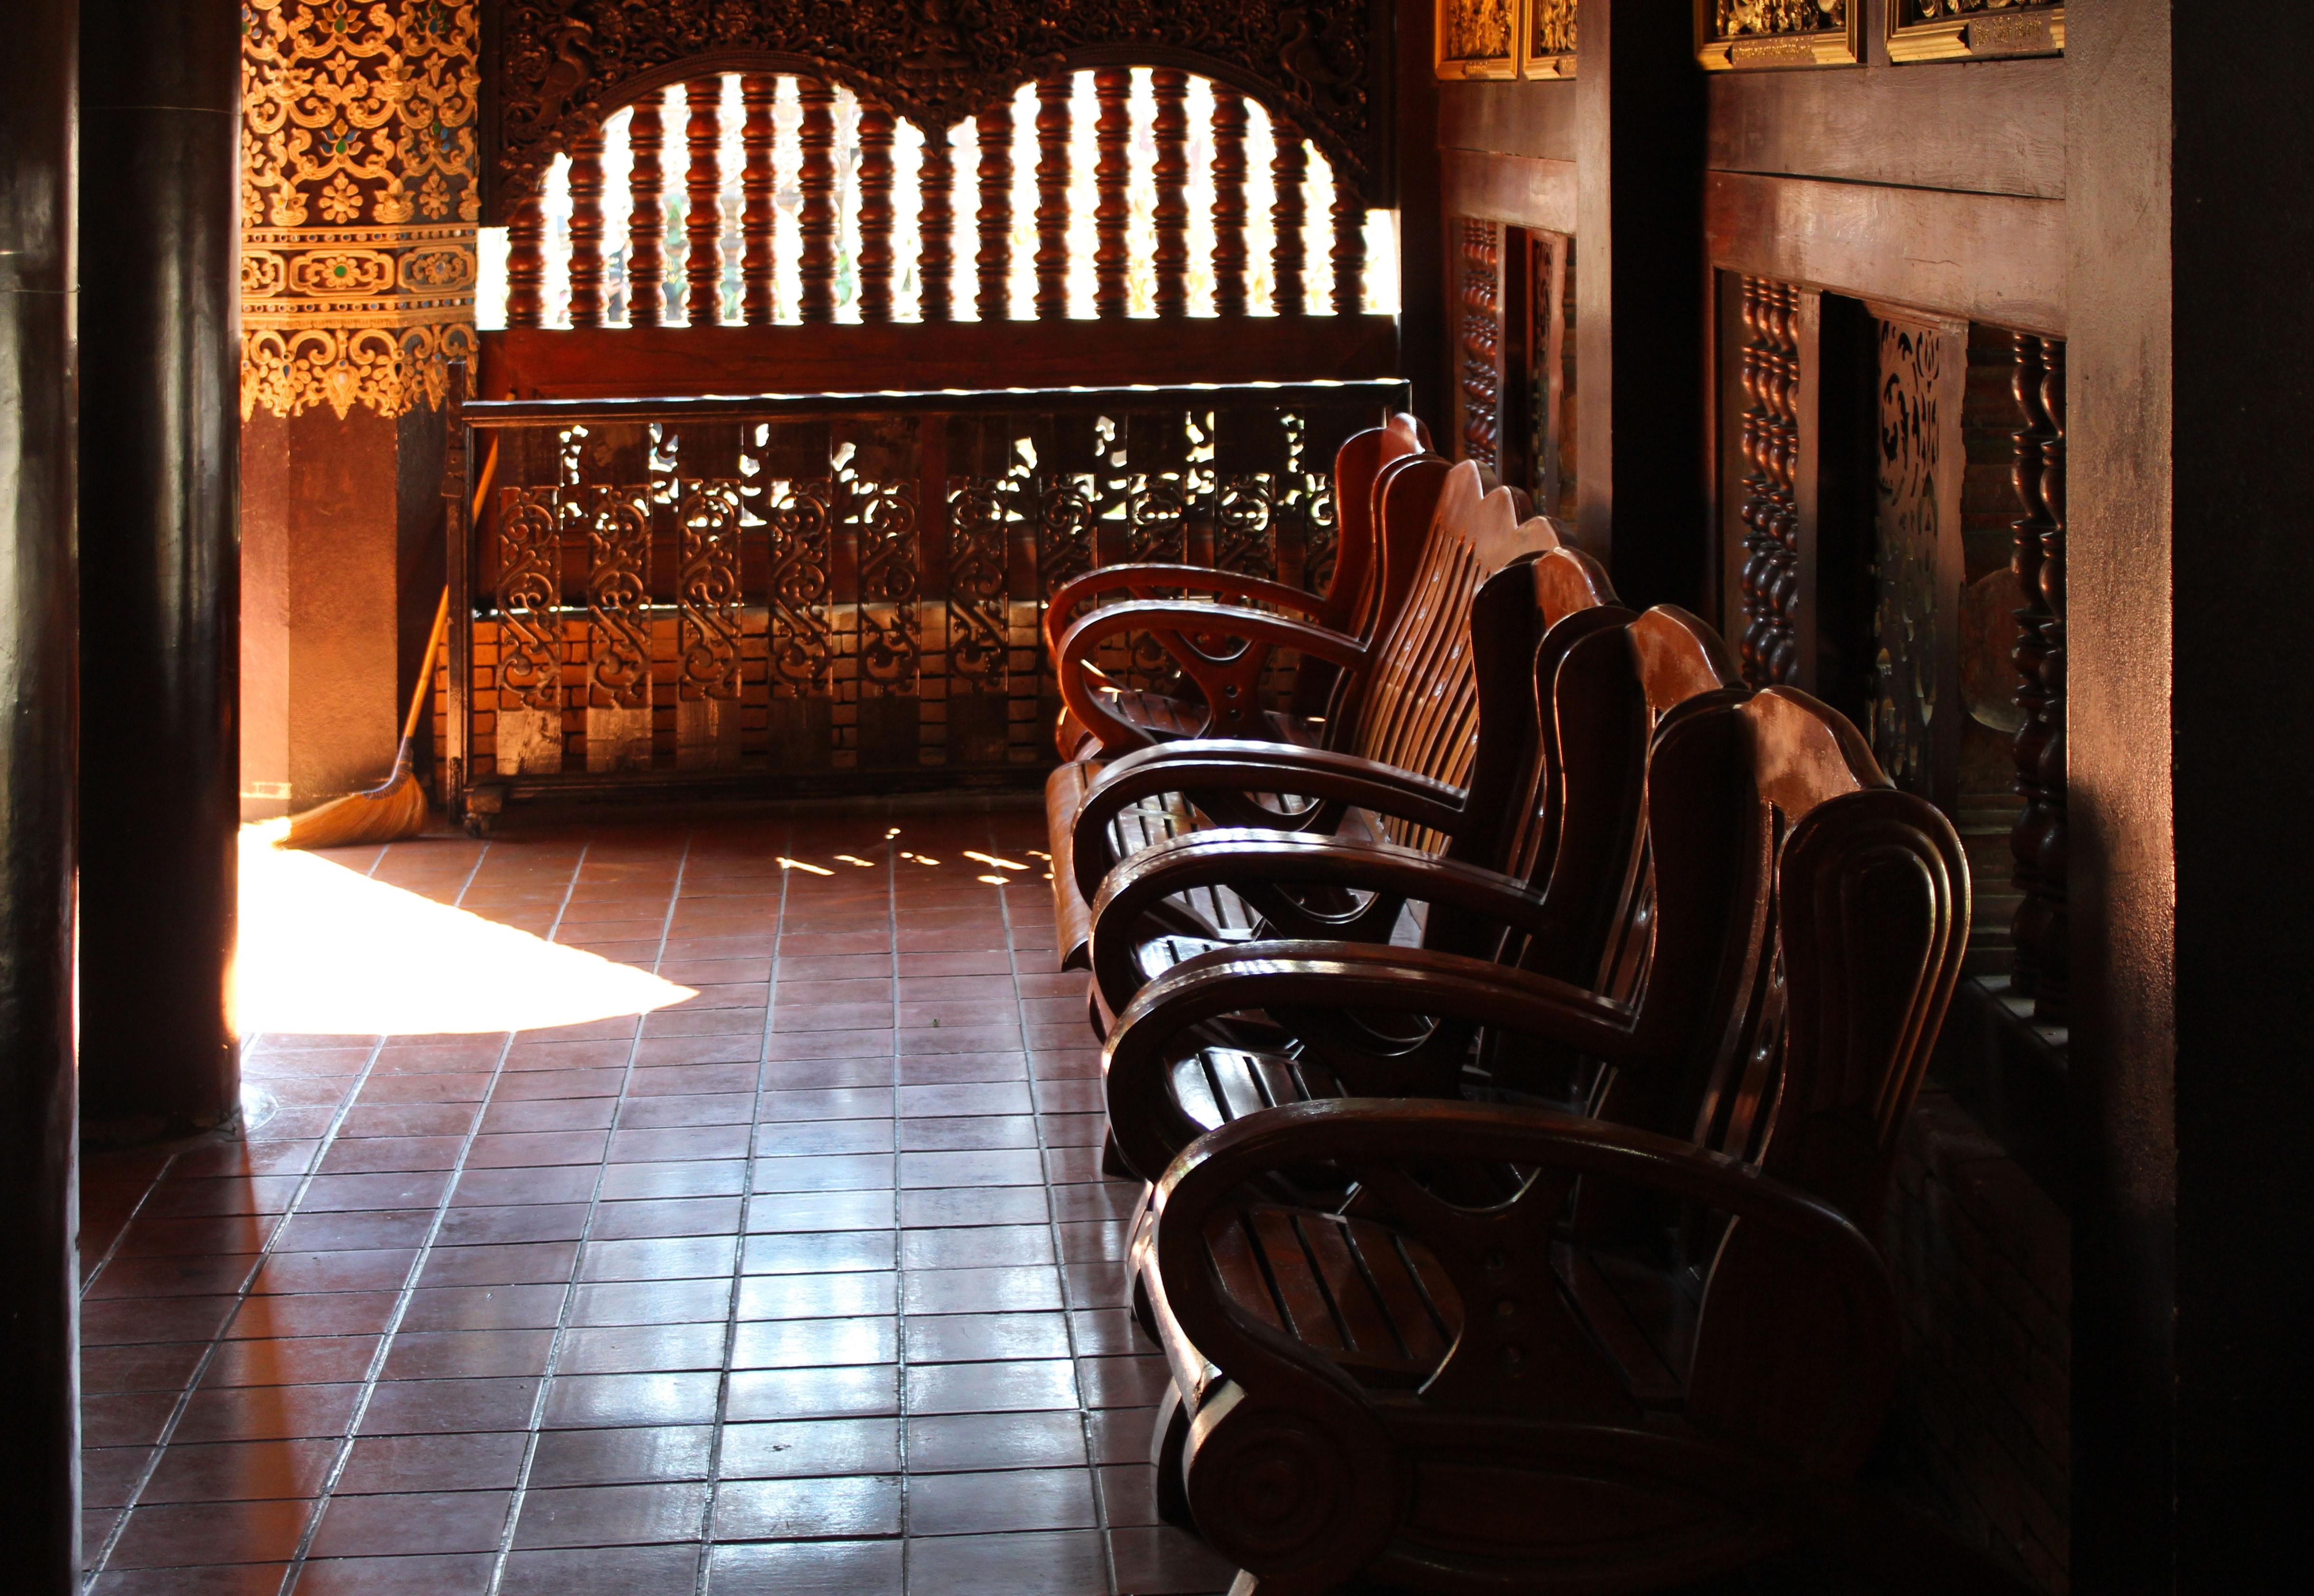 fotos gratis casa piso interior ventana perspectiva restaurante pared rstico bar esperando decoracin pacfico sentado